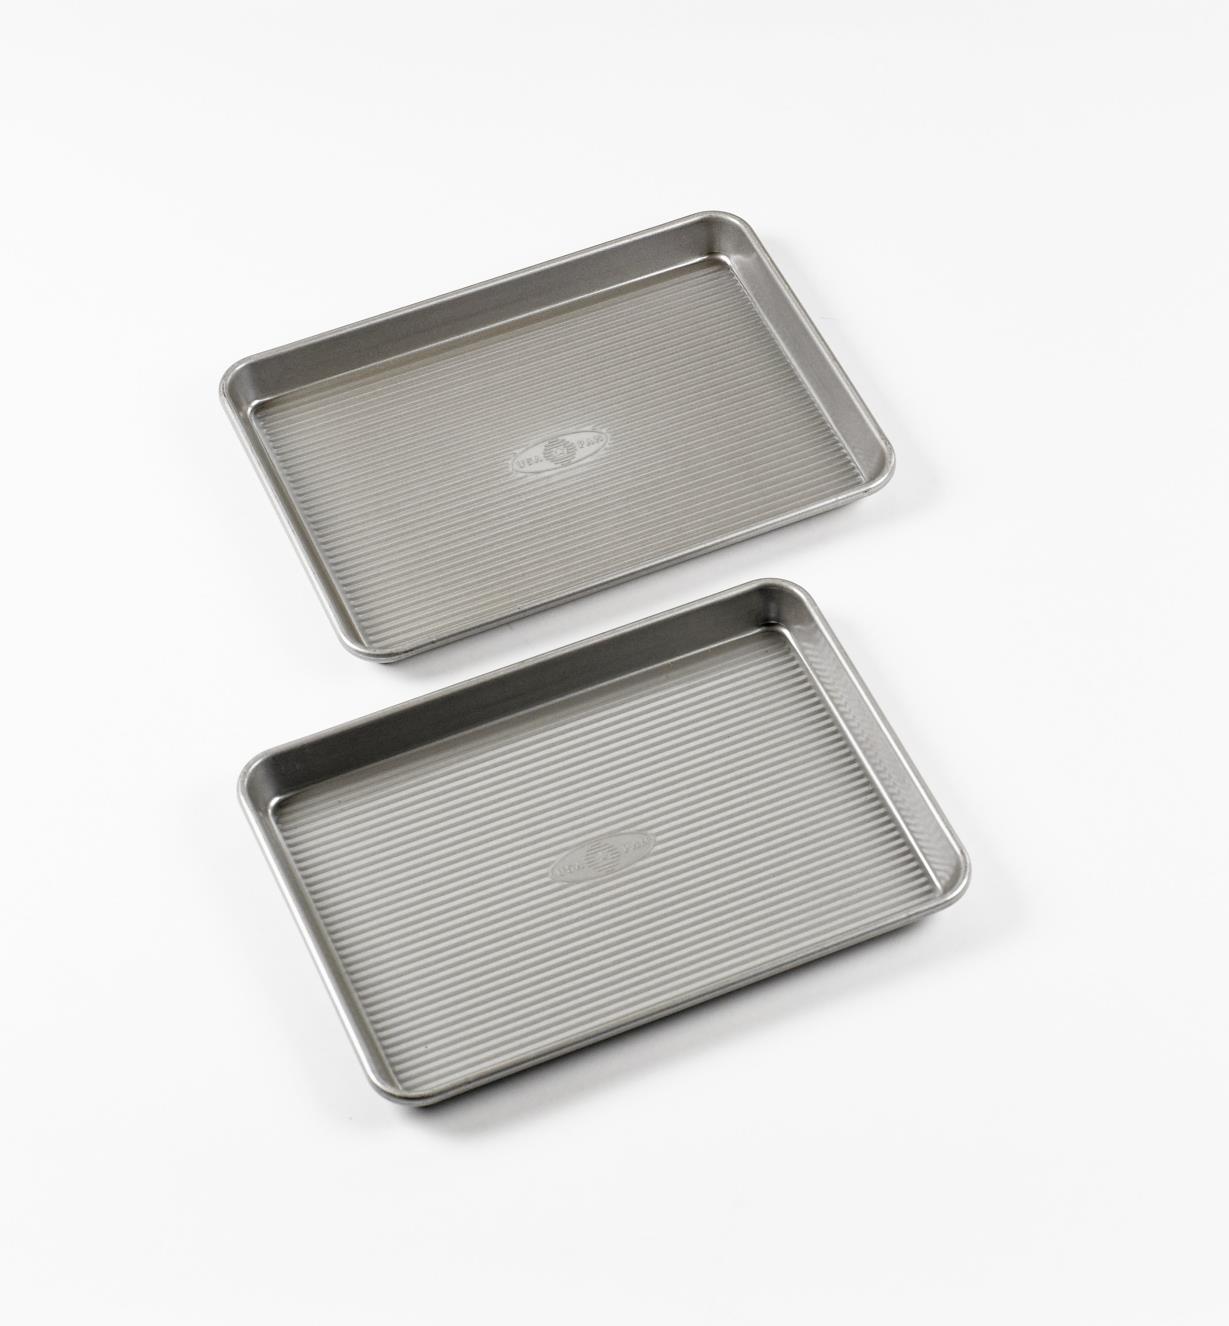 99W9051 - Set of 2 Quarter Sheet Baking Pans